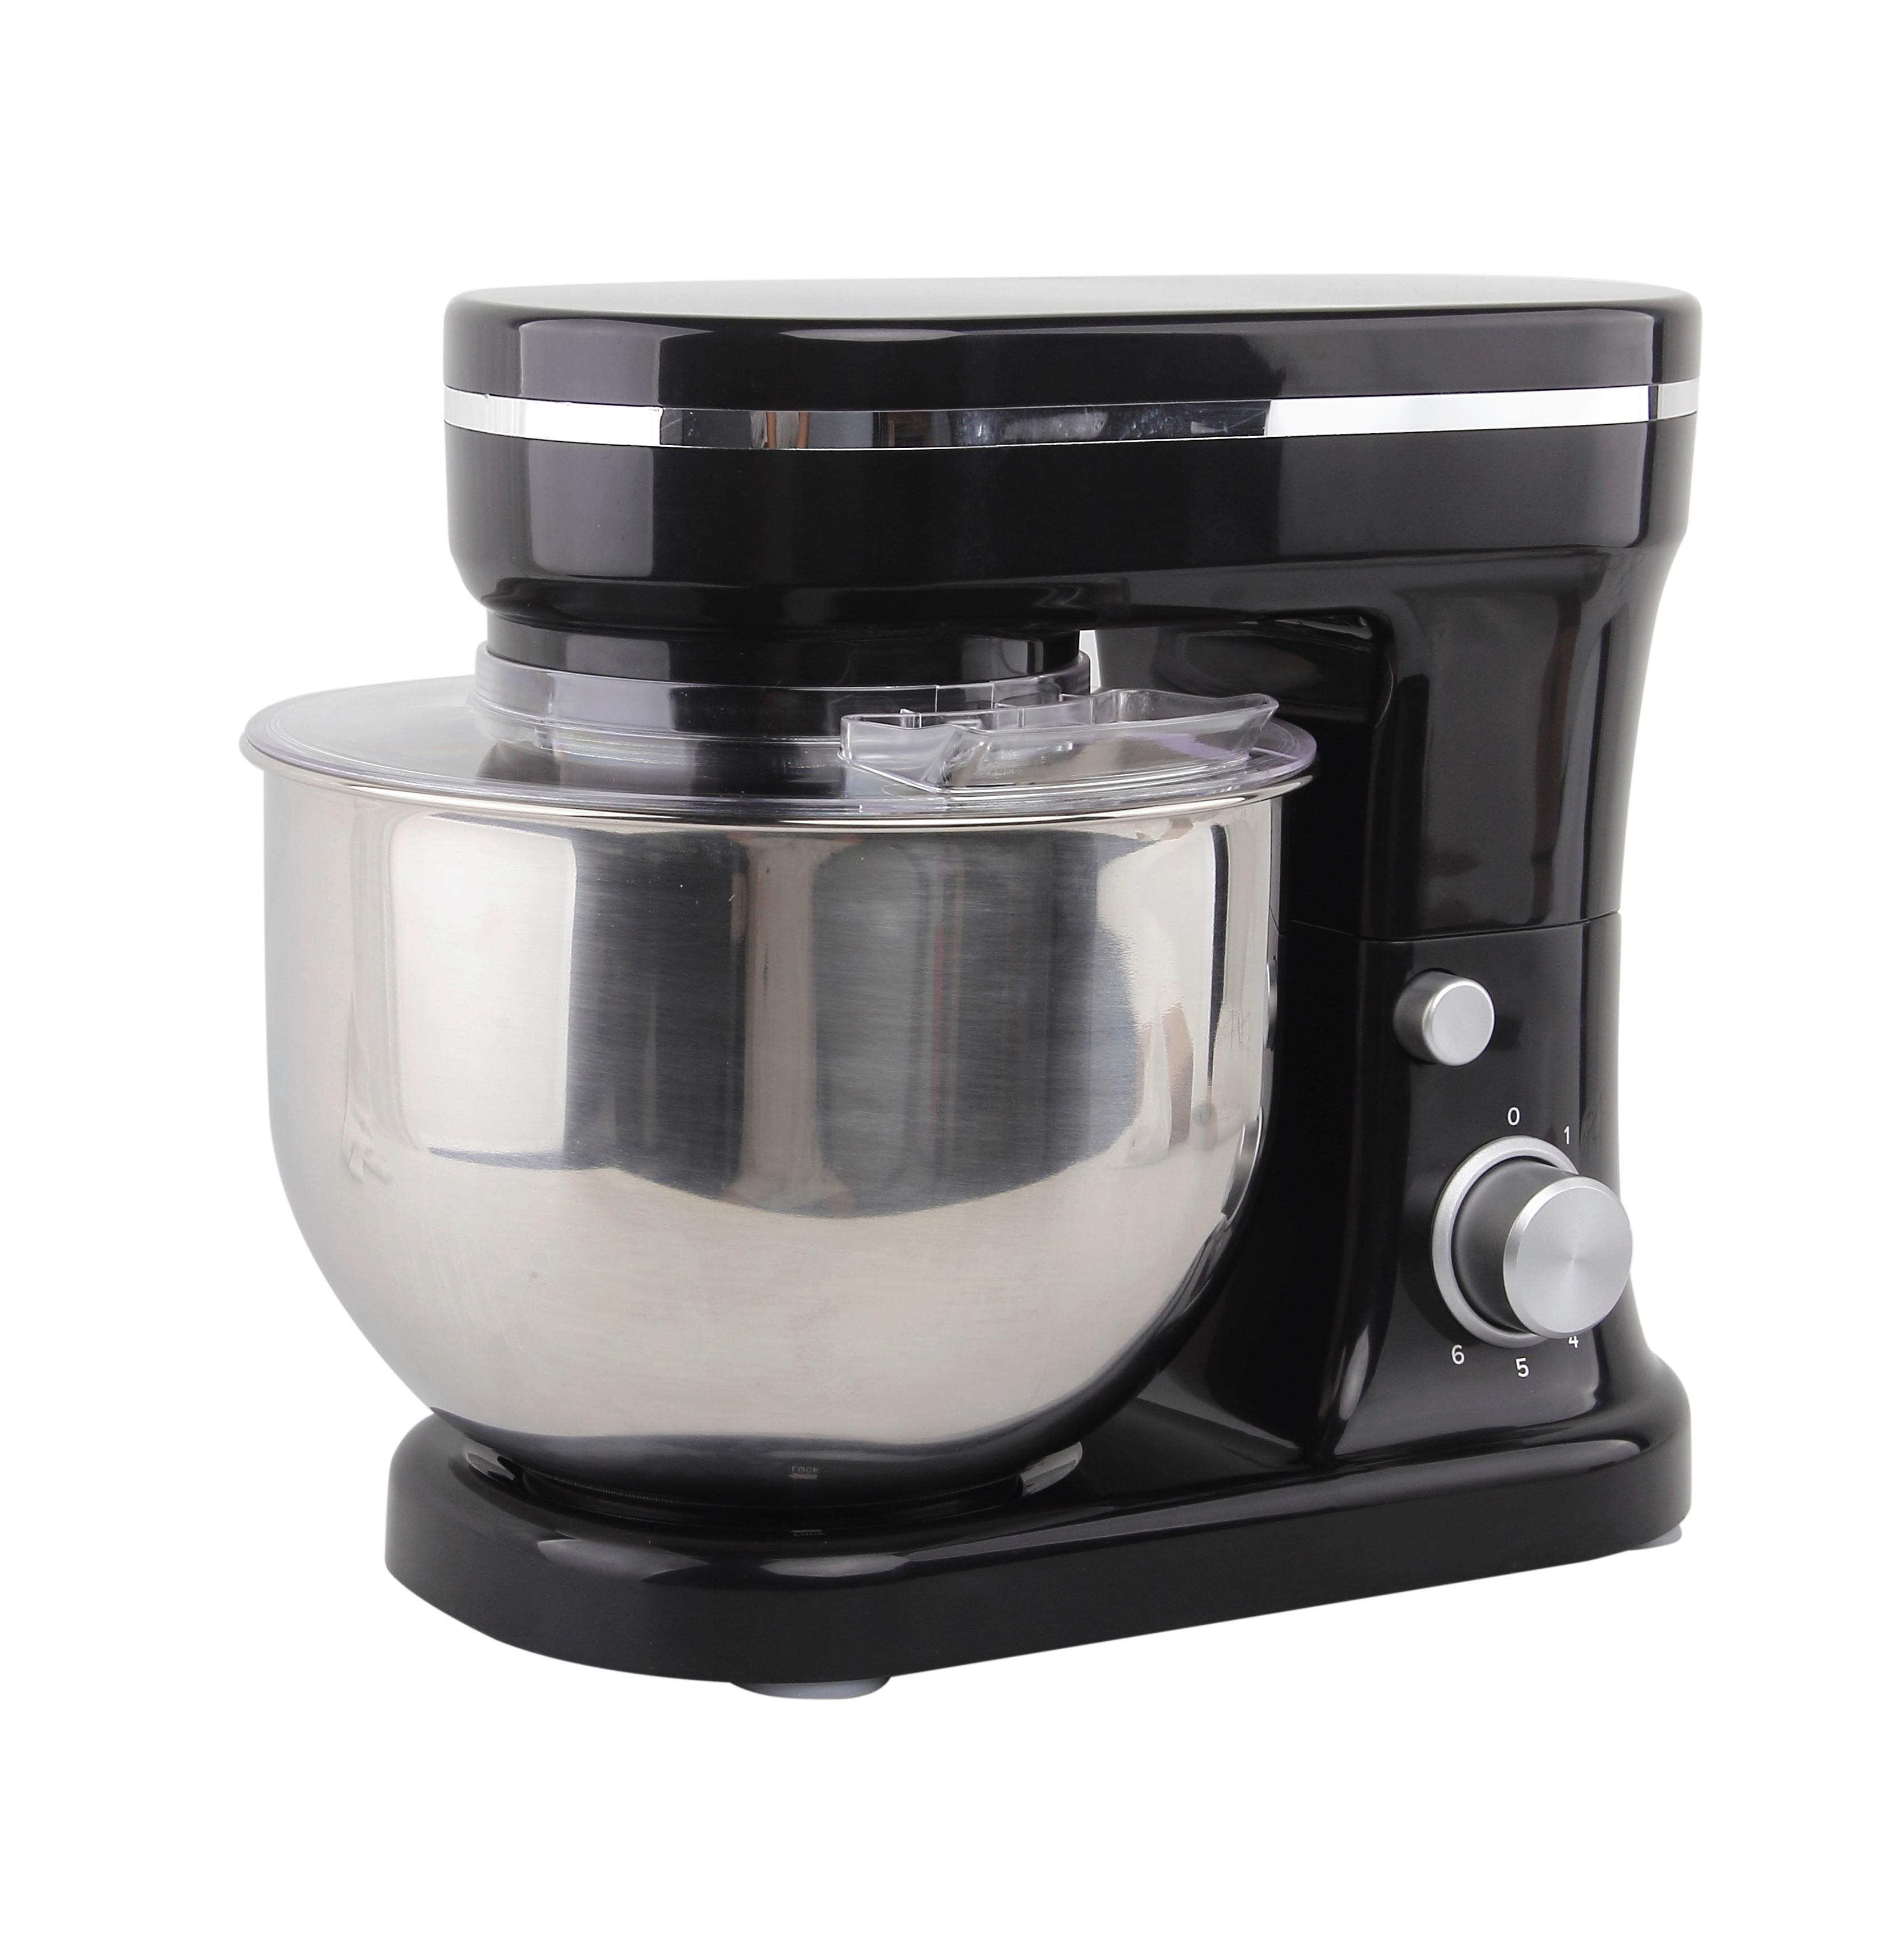 Küchenmaschine Jetta max. 1200 Watt   Küche und Esszimmer > Küchengeräte > Rührgeräte und Mixer   Insido